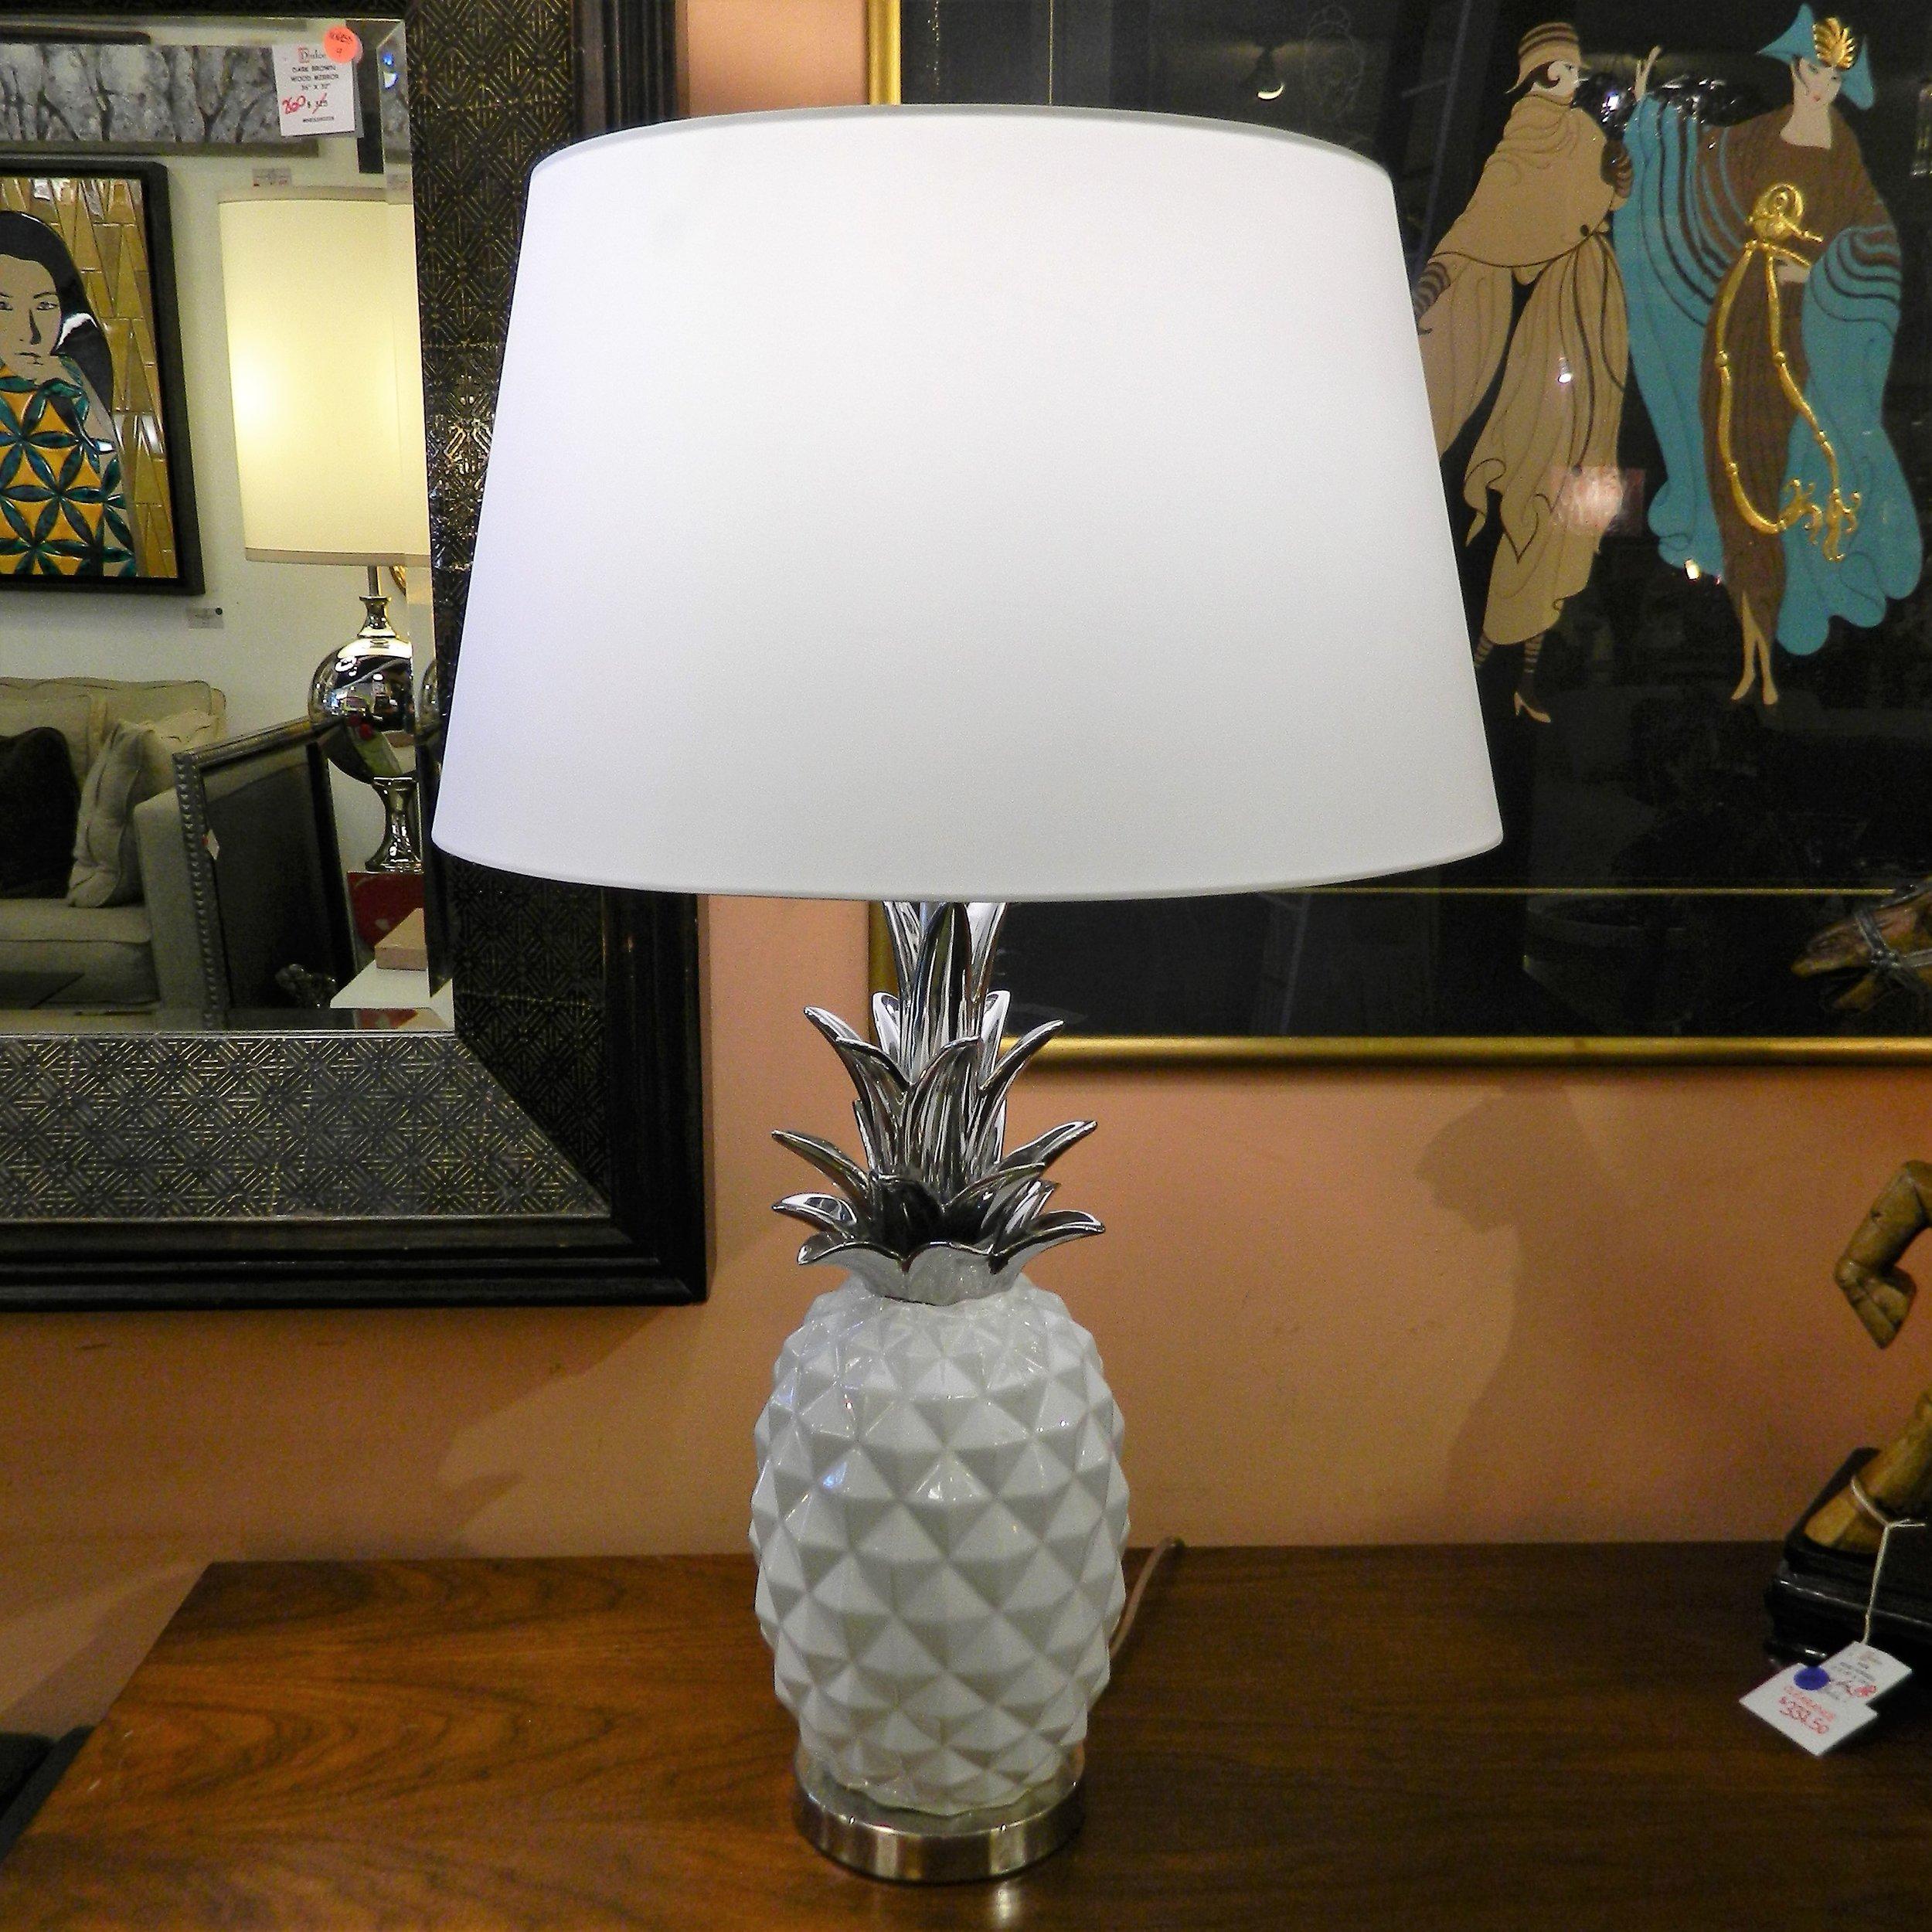 White Pineapple Table Lamp. SSUB 694 (1).JPG